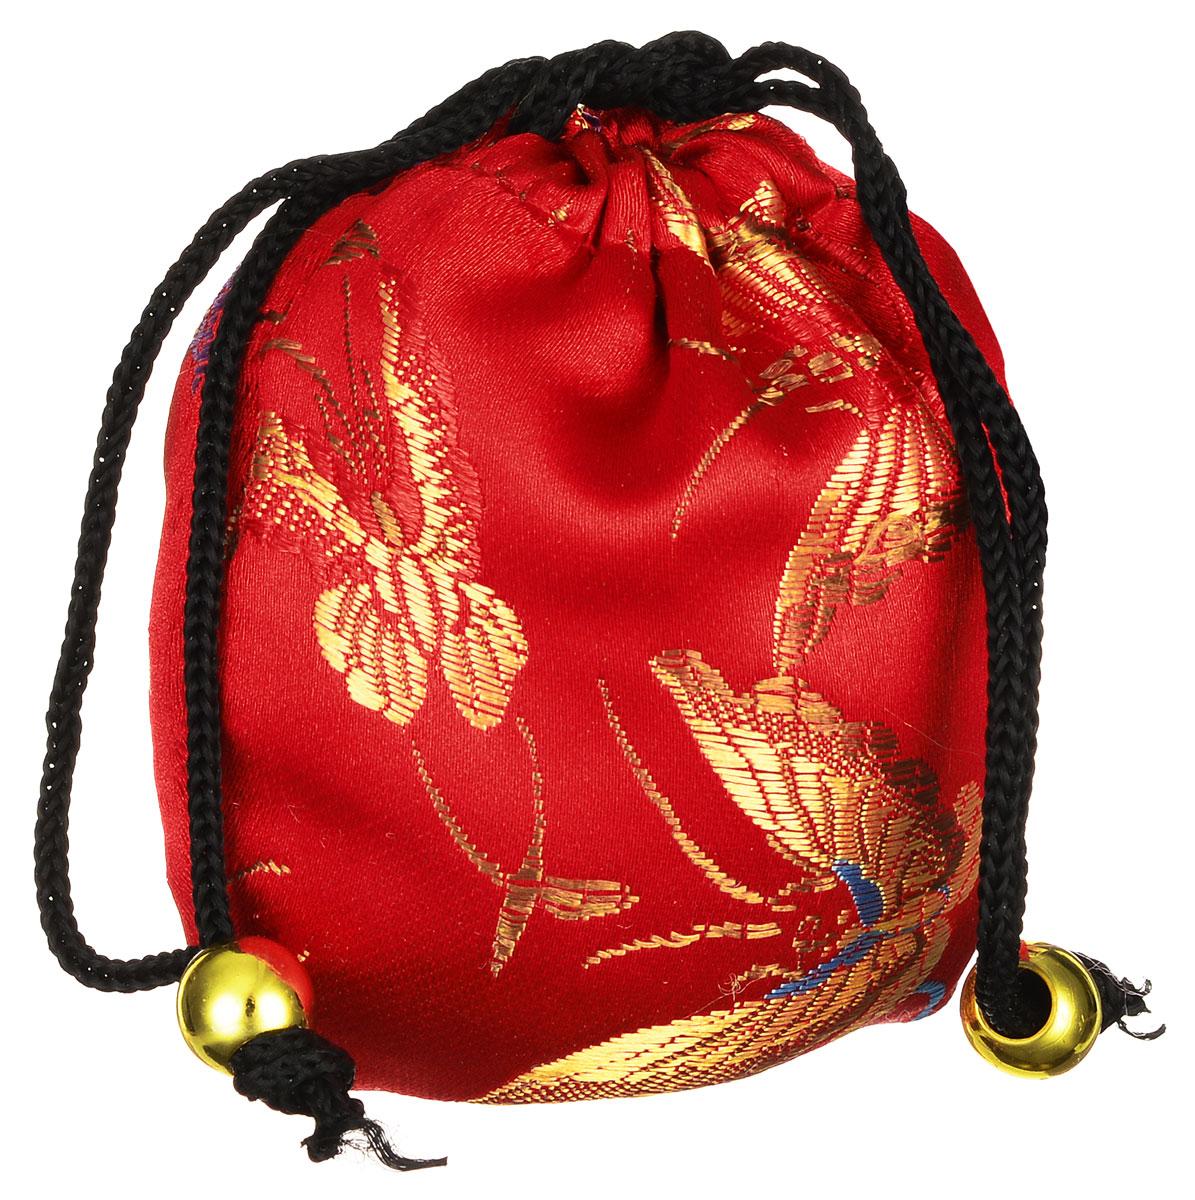 Masura Шелковый мешочек Ацуи для горячего и холодного массажа, цвет: красный804-3Шелковый мешочек Masura Ацуи применяется для холодного и горячего массажа рук и ароматерапии при проведении процедуры Японский маникюр.Изделие, оформленное оригинальной вышивкой, затягивается на кулиску с декоративными бусинами. Наполнен мешочек морской солью, сухоцветами и аромамаслами.Материал мешочка:текстиль, пластик. Размер наполненного мешочка: 6,5 см х 6,5 см х 5 см.Товар сертифицирован.Как ухаживать за ногтями: советы эксперта. Статья OZON Гид